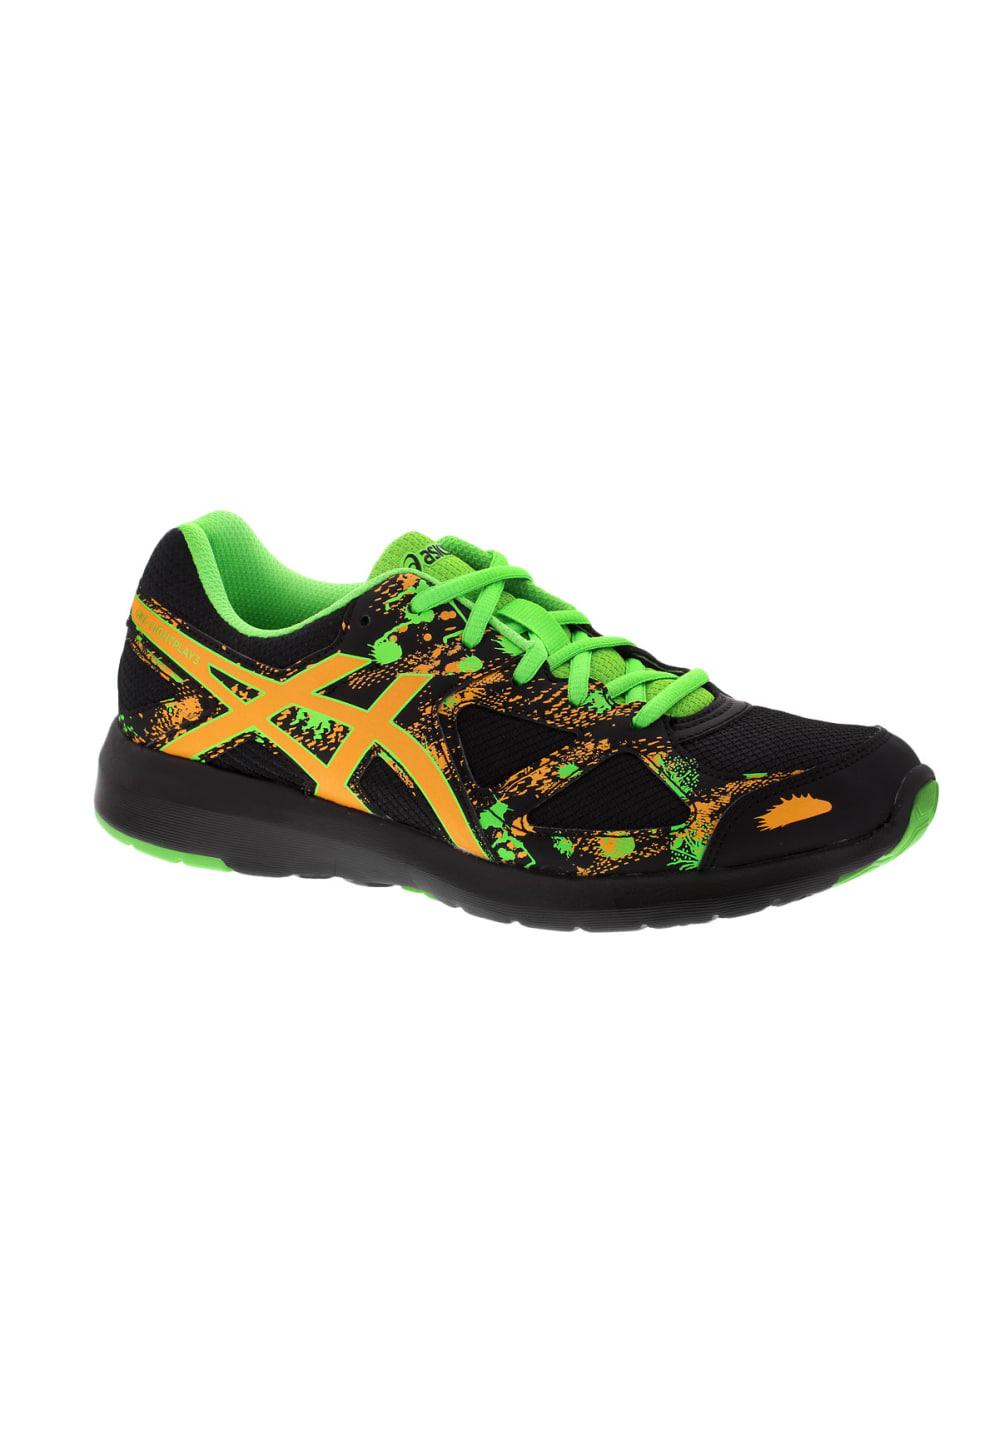 f7d3db0b317c ASICS GEL-Lightplay 3 GS - Running shoes - Black